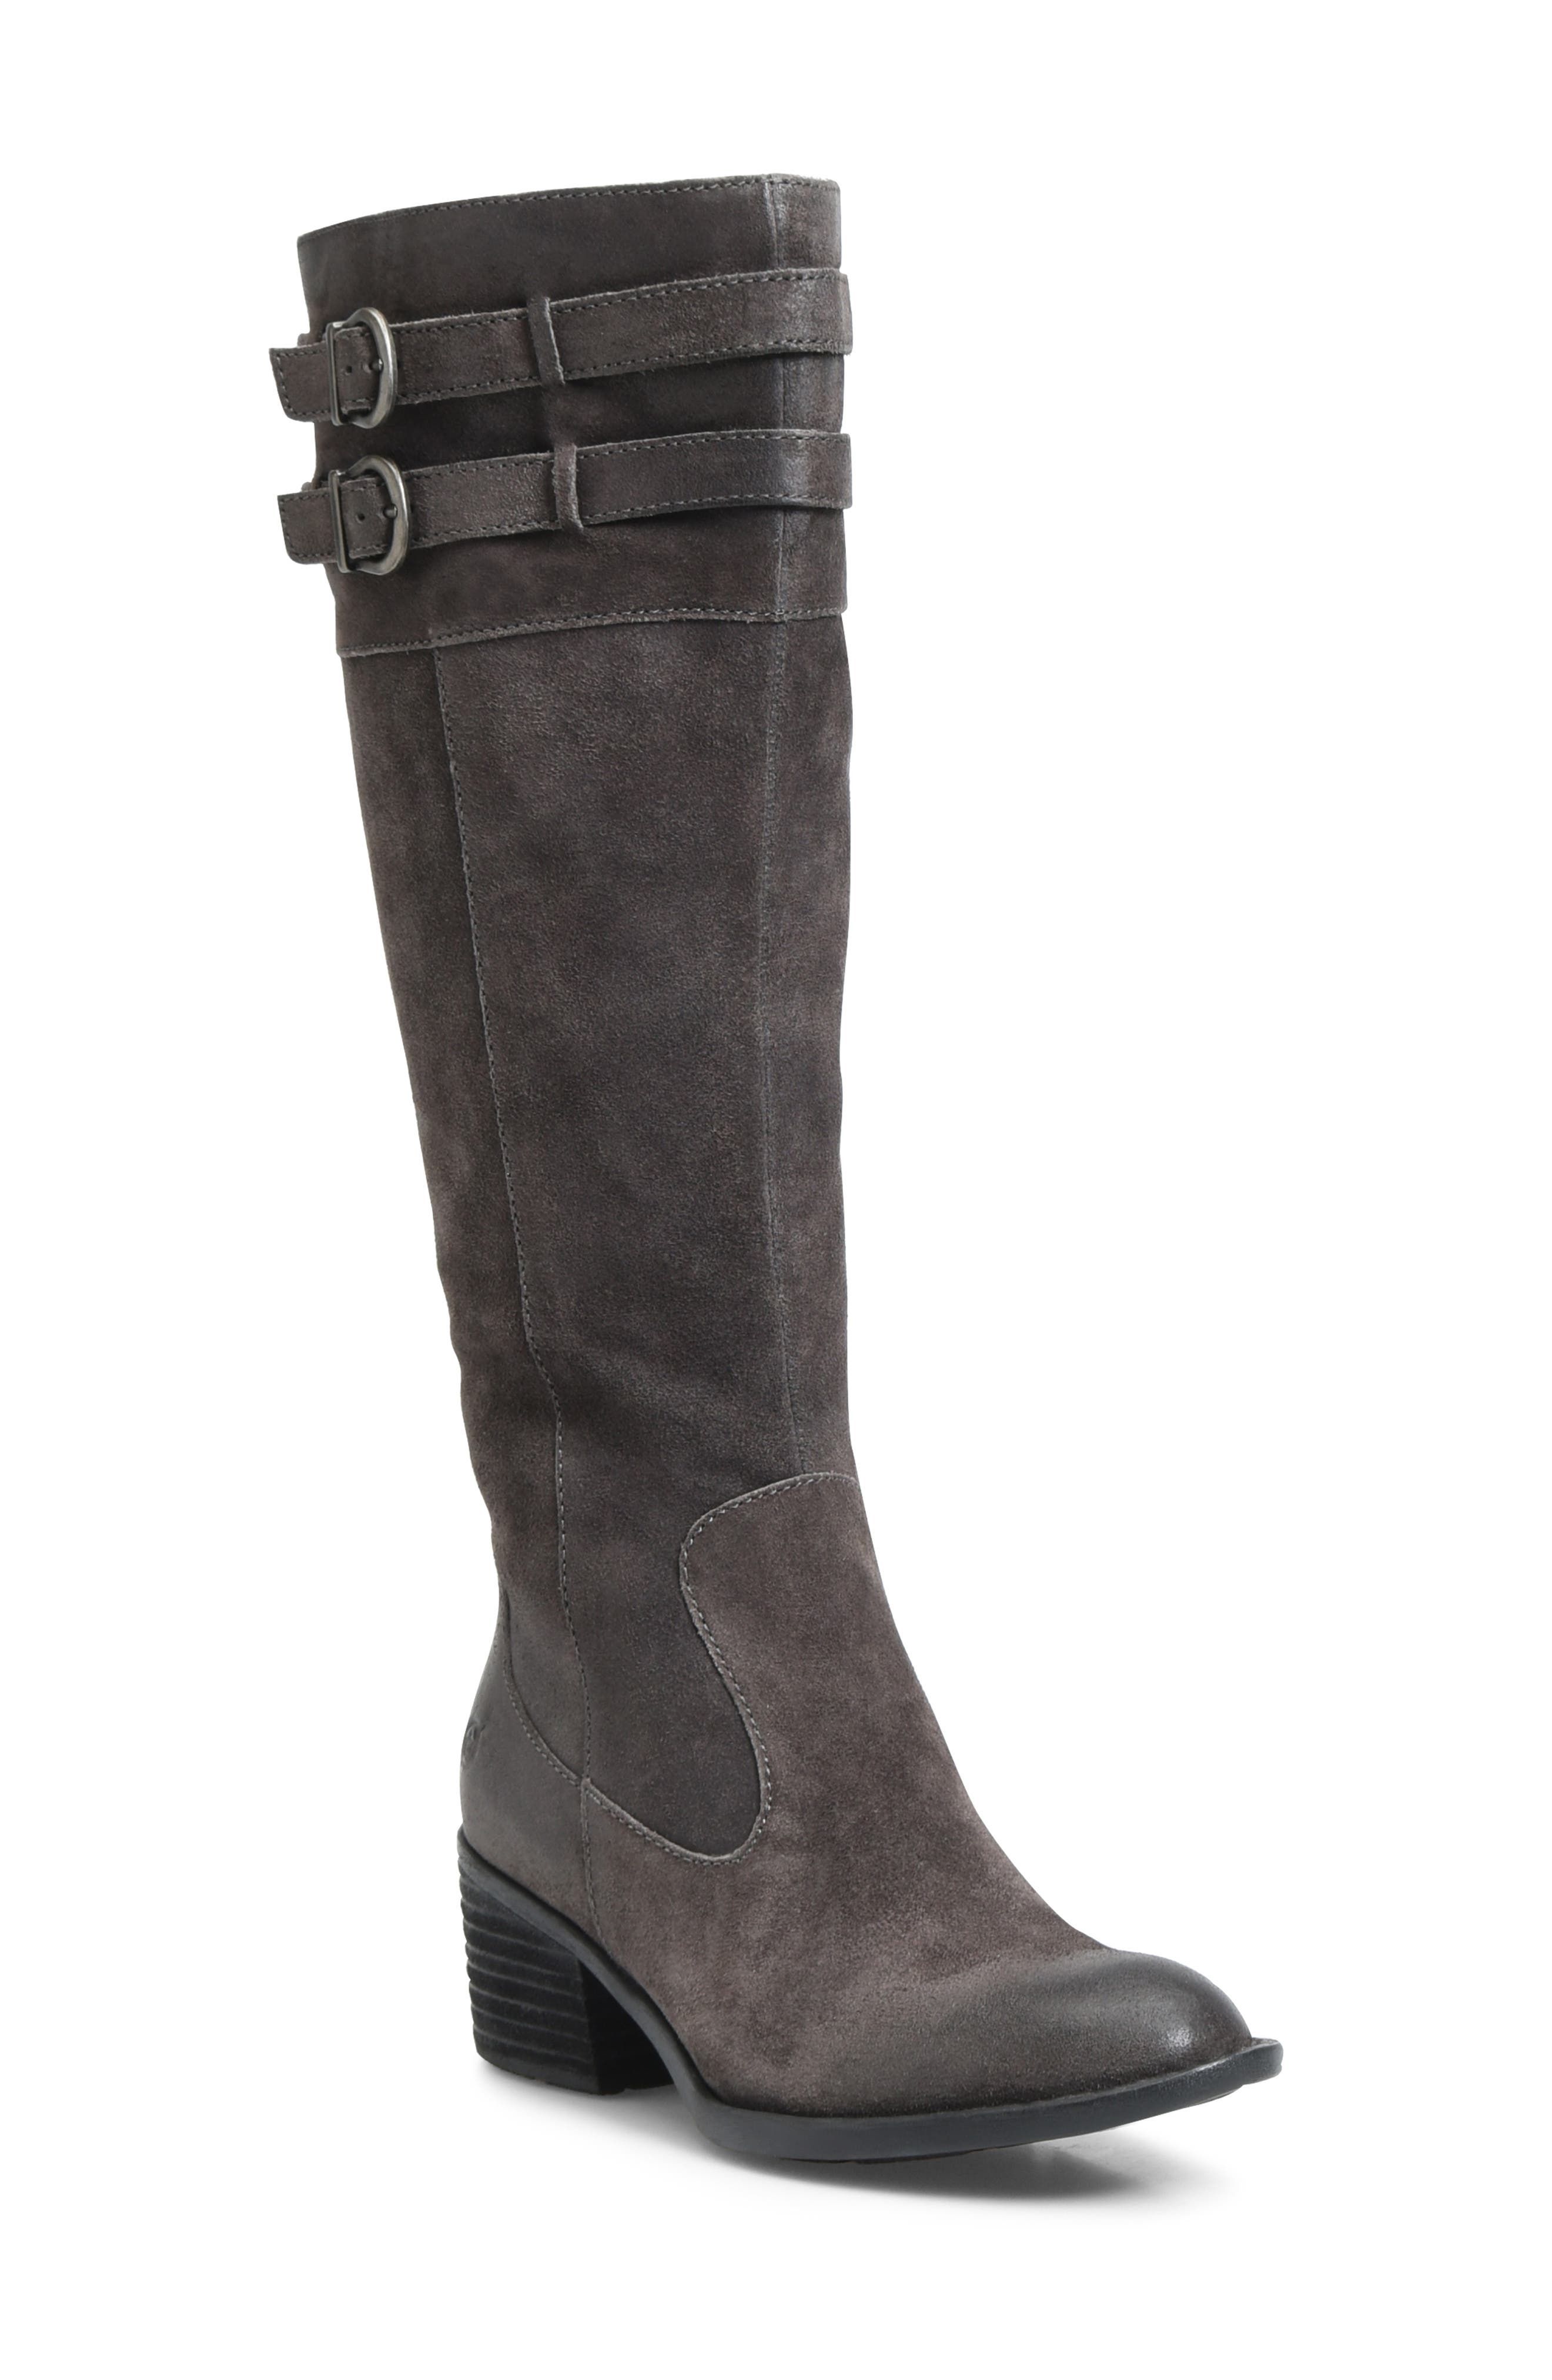 B?rn Tay Block Heel Knee High Boot, Grey